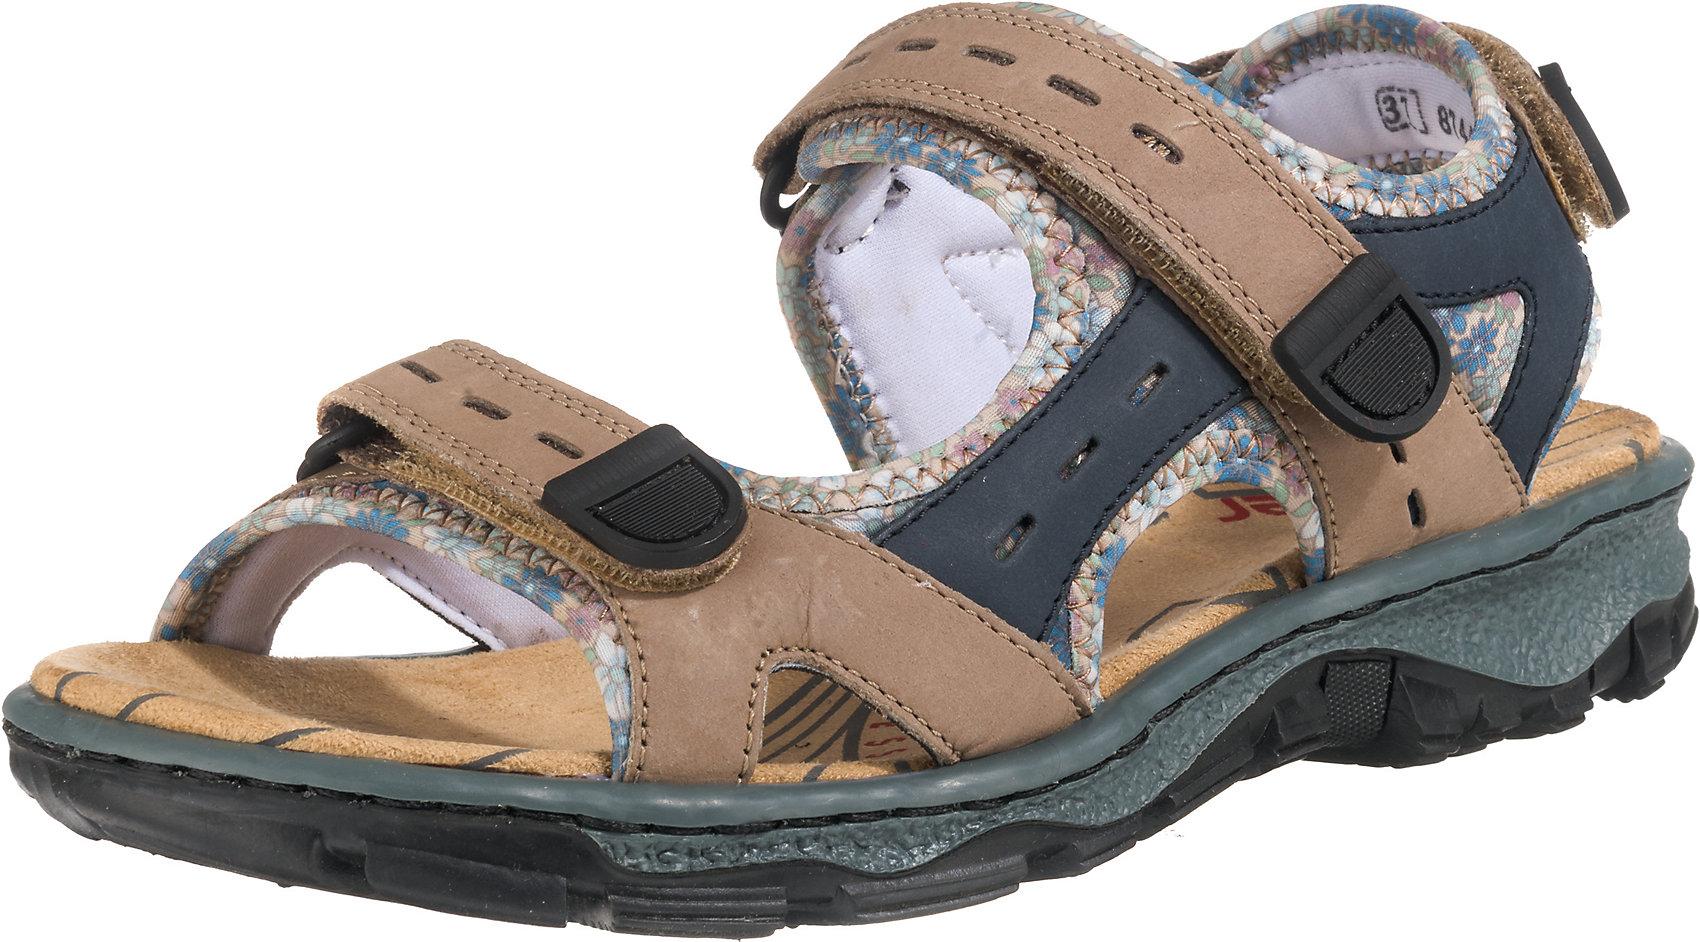 Neu rieker Klassische Sandalen 7567766 für Damen braun kombi